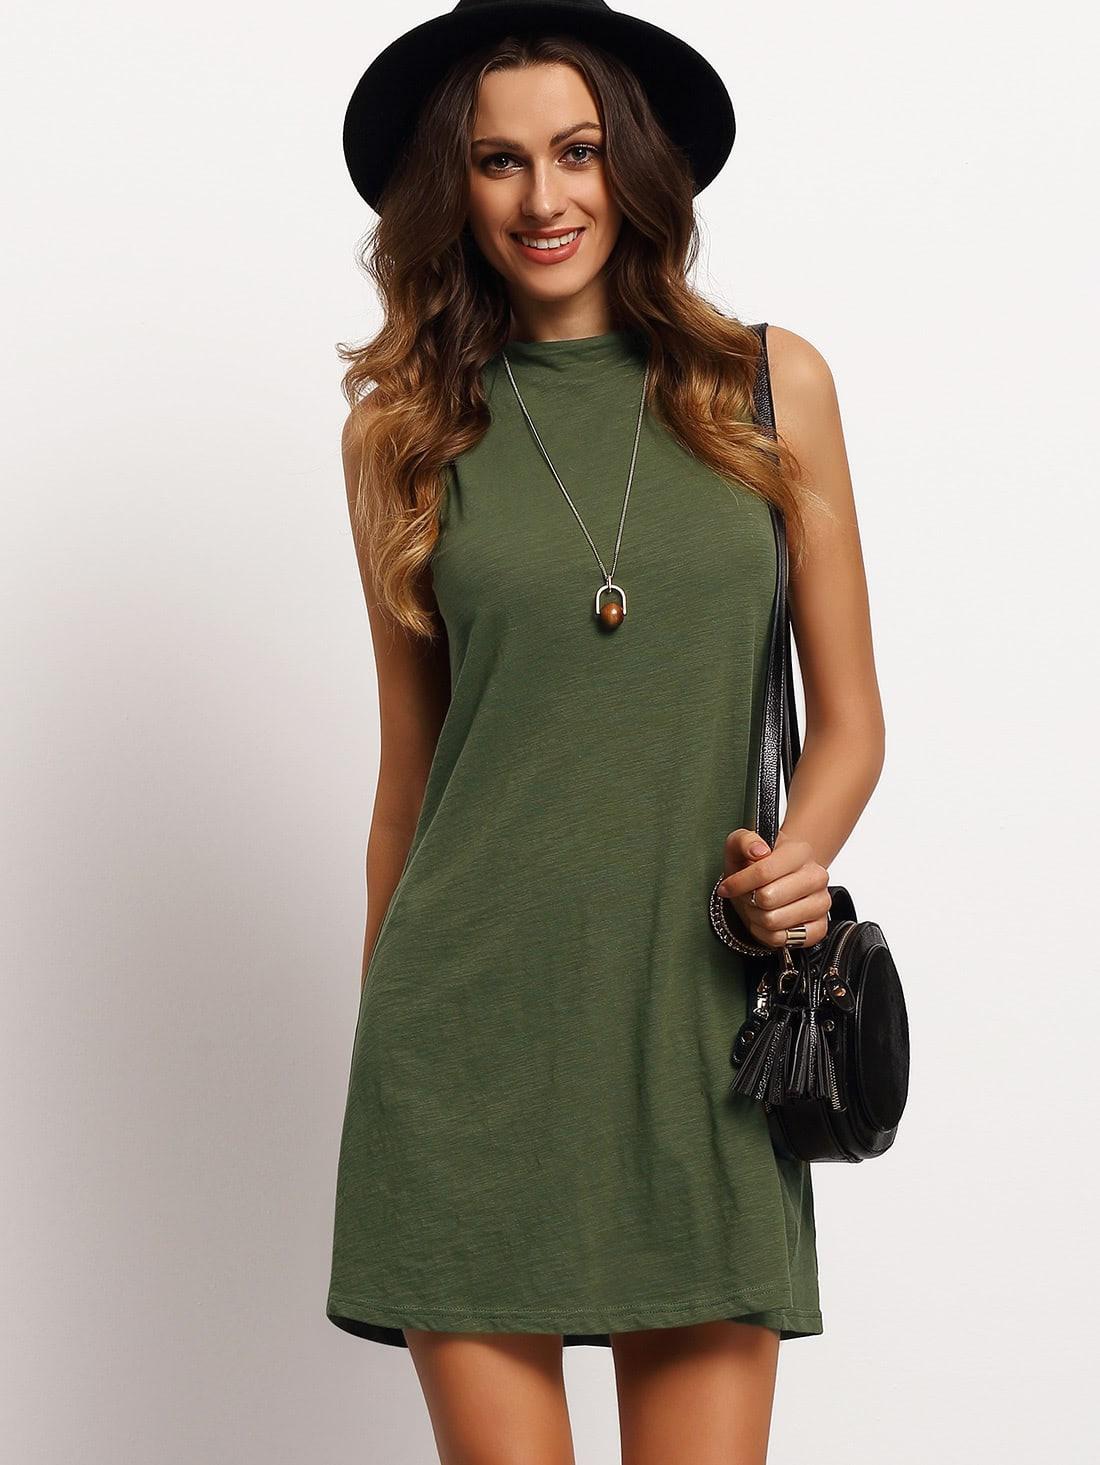 Ärmelloses Tshirt Kleid Mit Mock Neck Blackish Grün  Shein